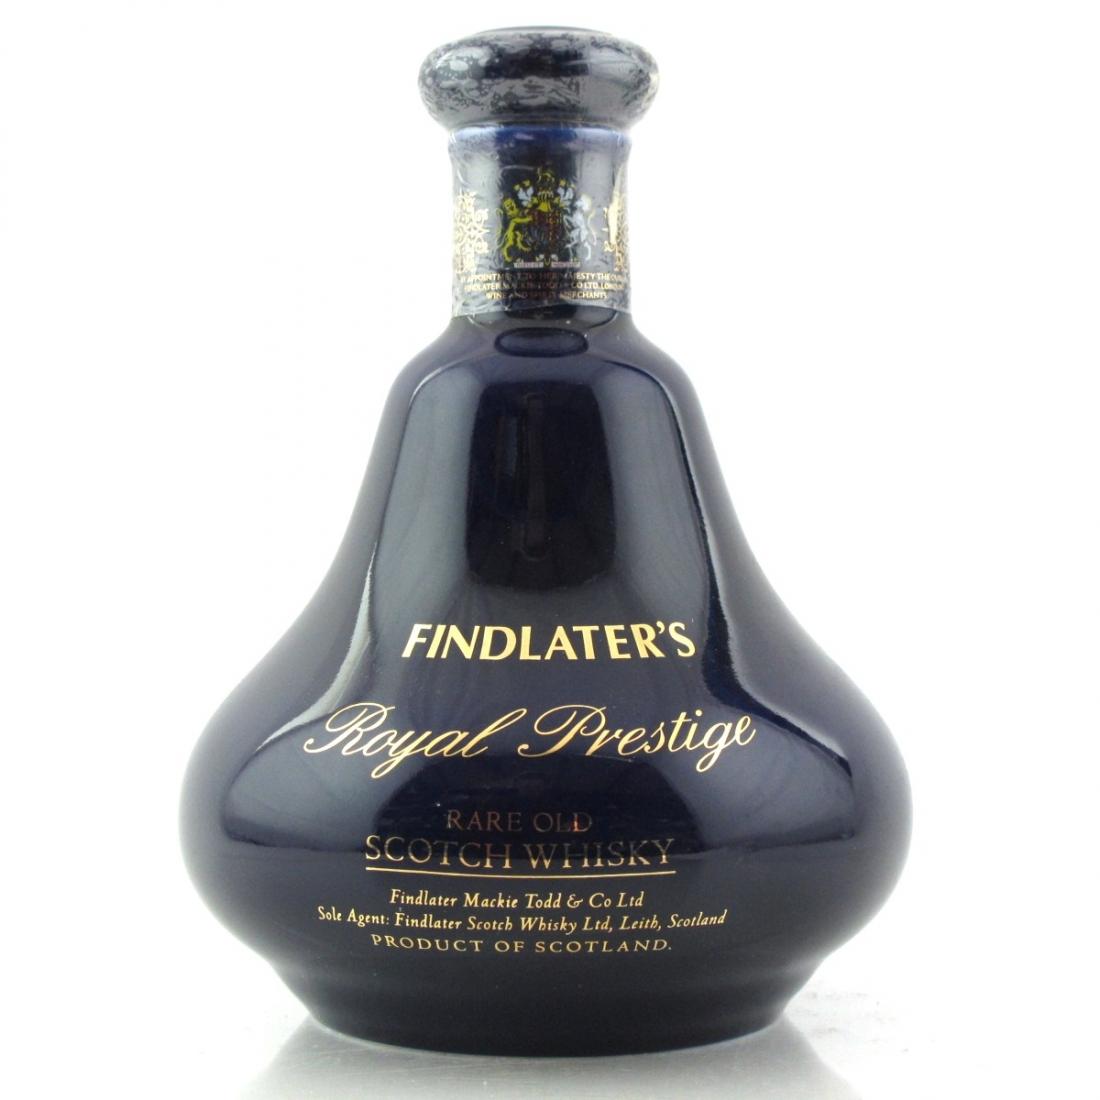 Findlater's Royal Prestige Decanter